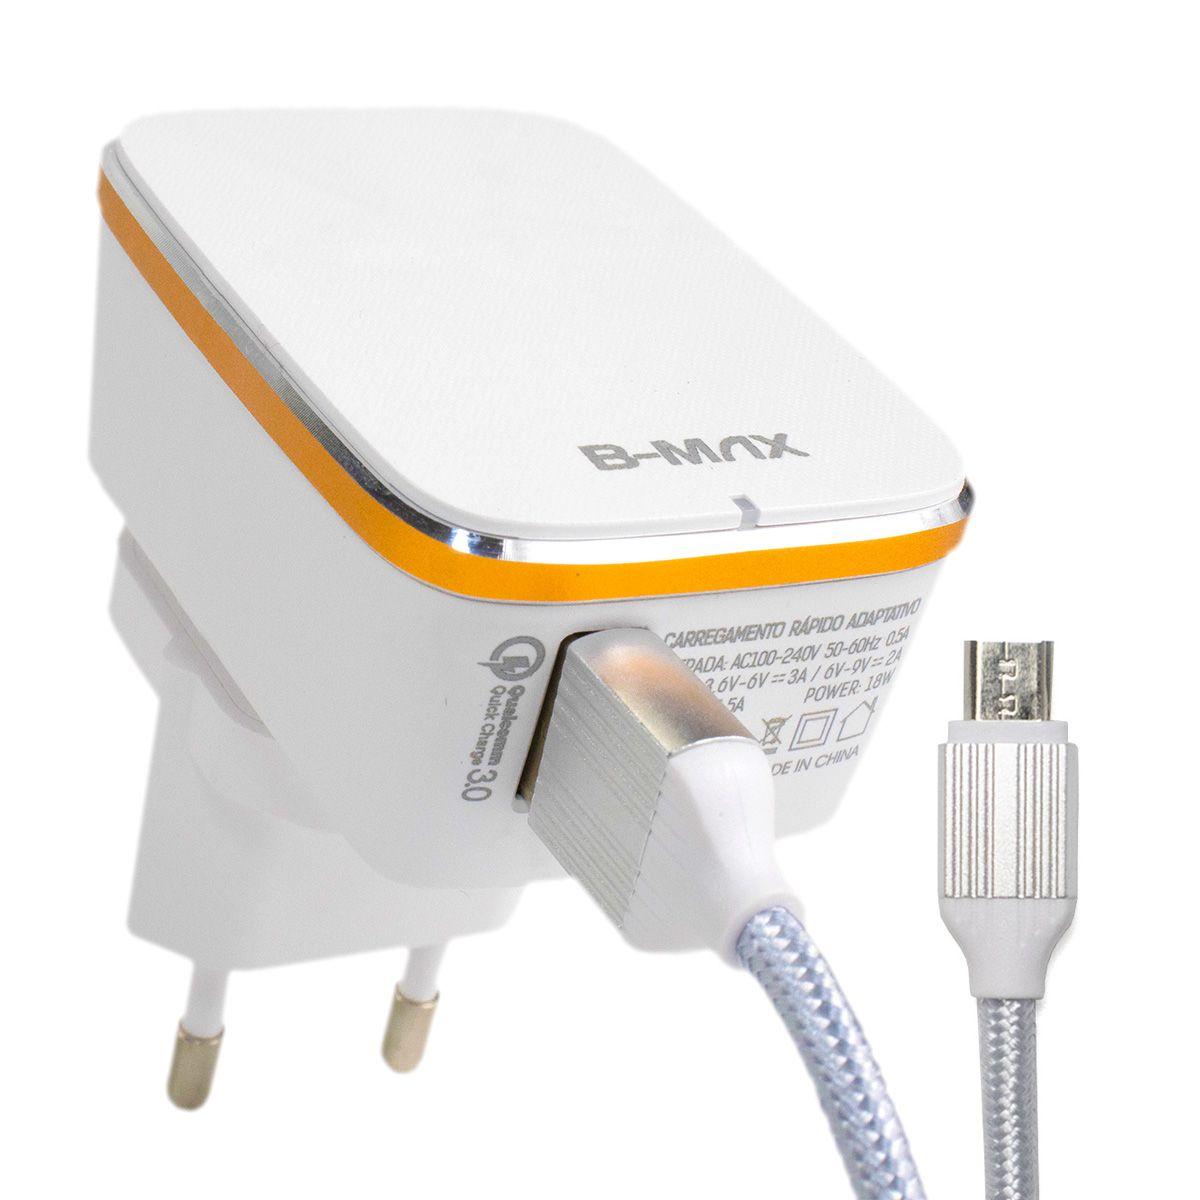 Carregador Turbo Quick Charge 3.0 18w para Celular Micro USB V8 B-Max BM8607